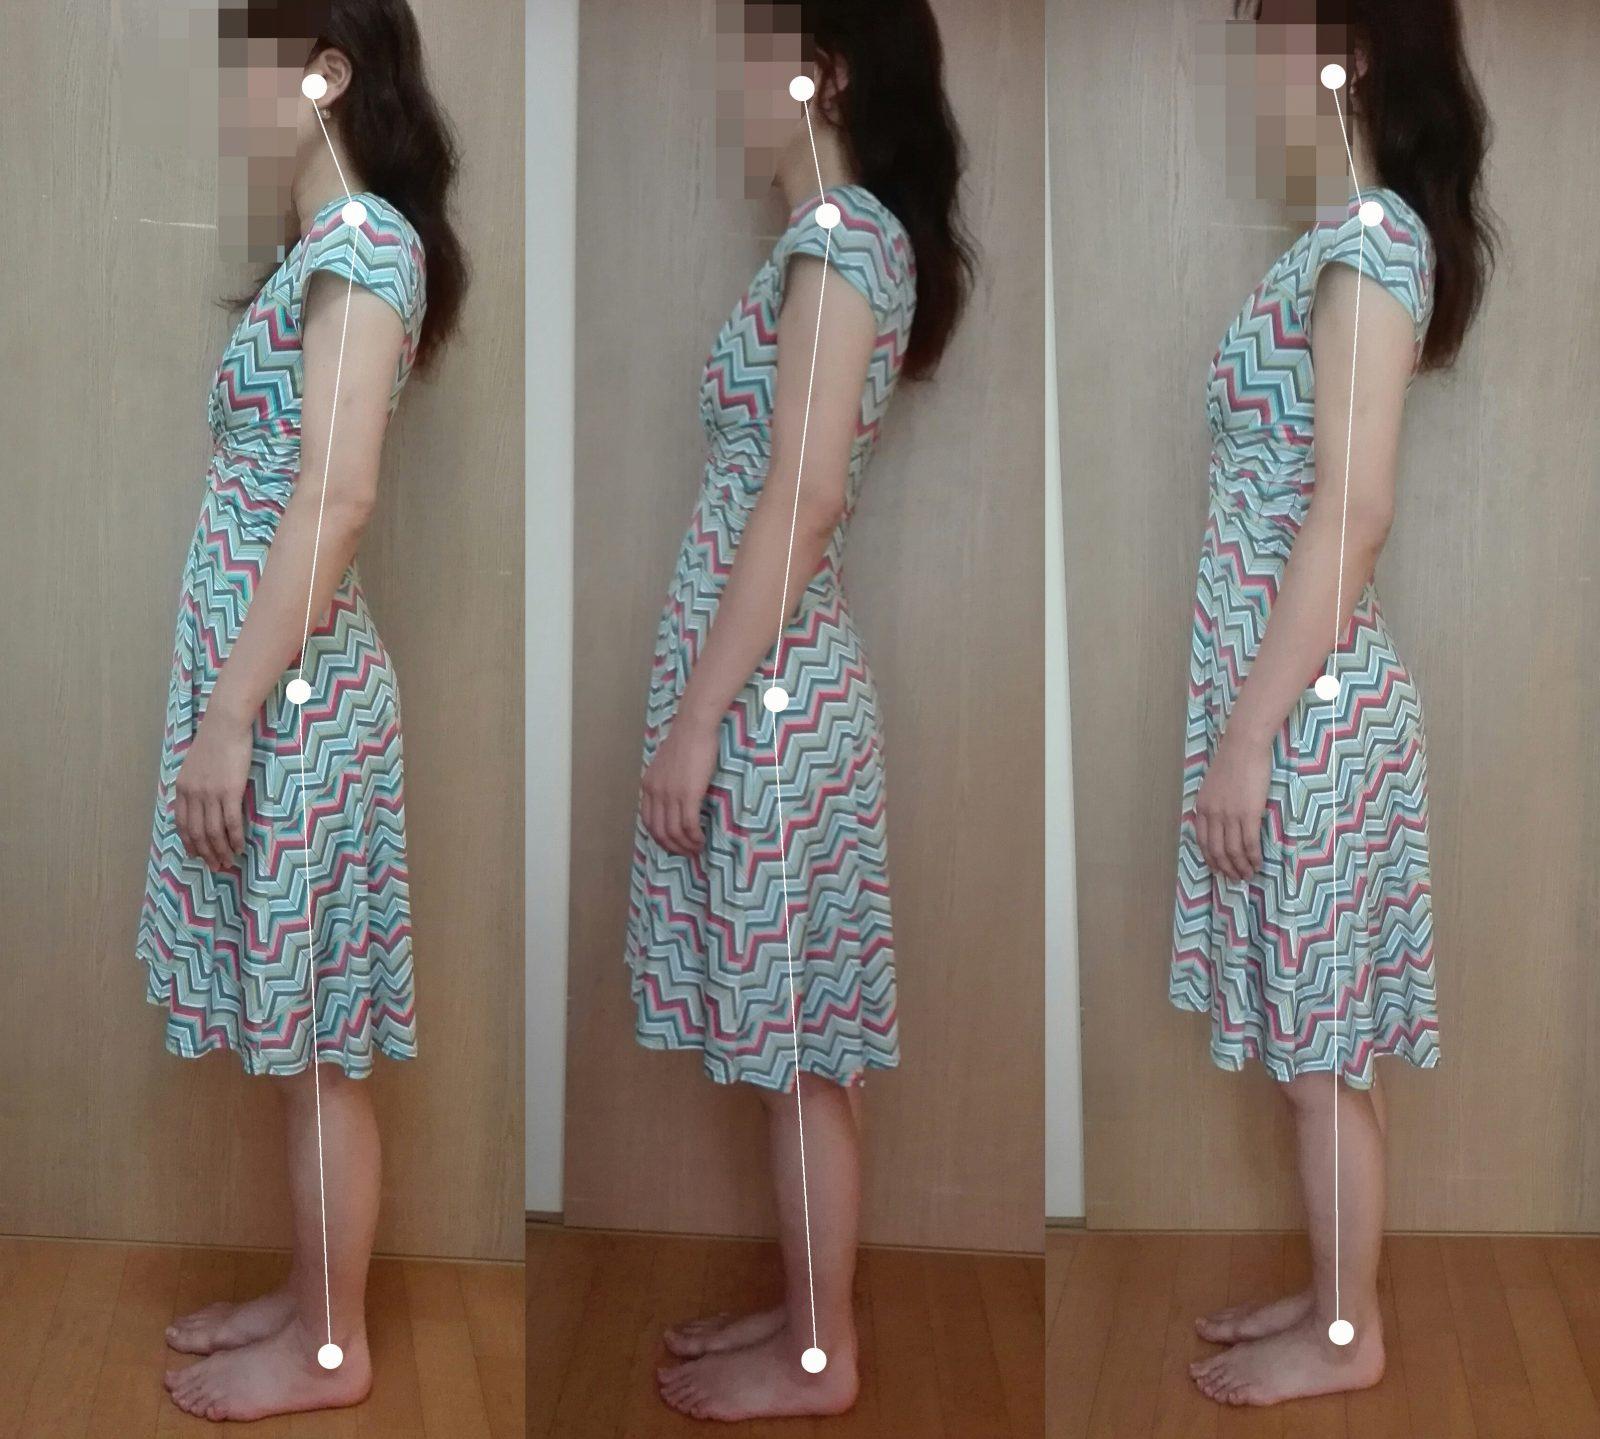 デトックスサロンフローイング 京都北野40代女性へ骨格矯正&リンパマッサージで流れる体へ-1回の施術で体は変化するのか